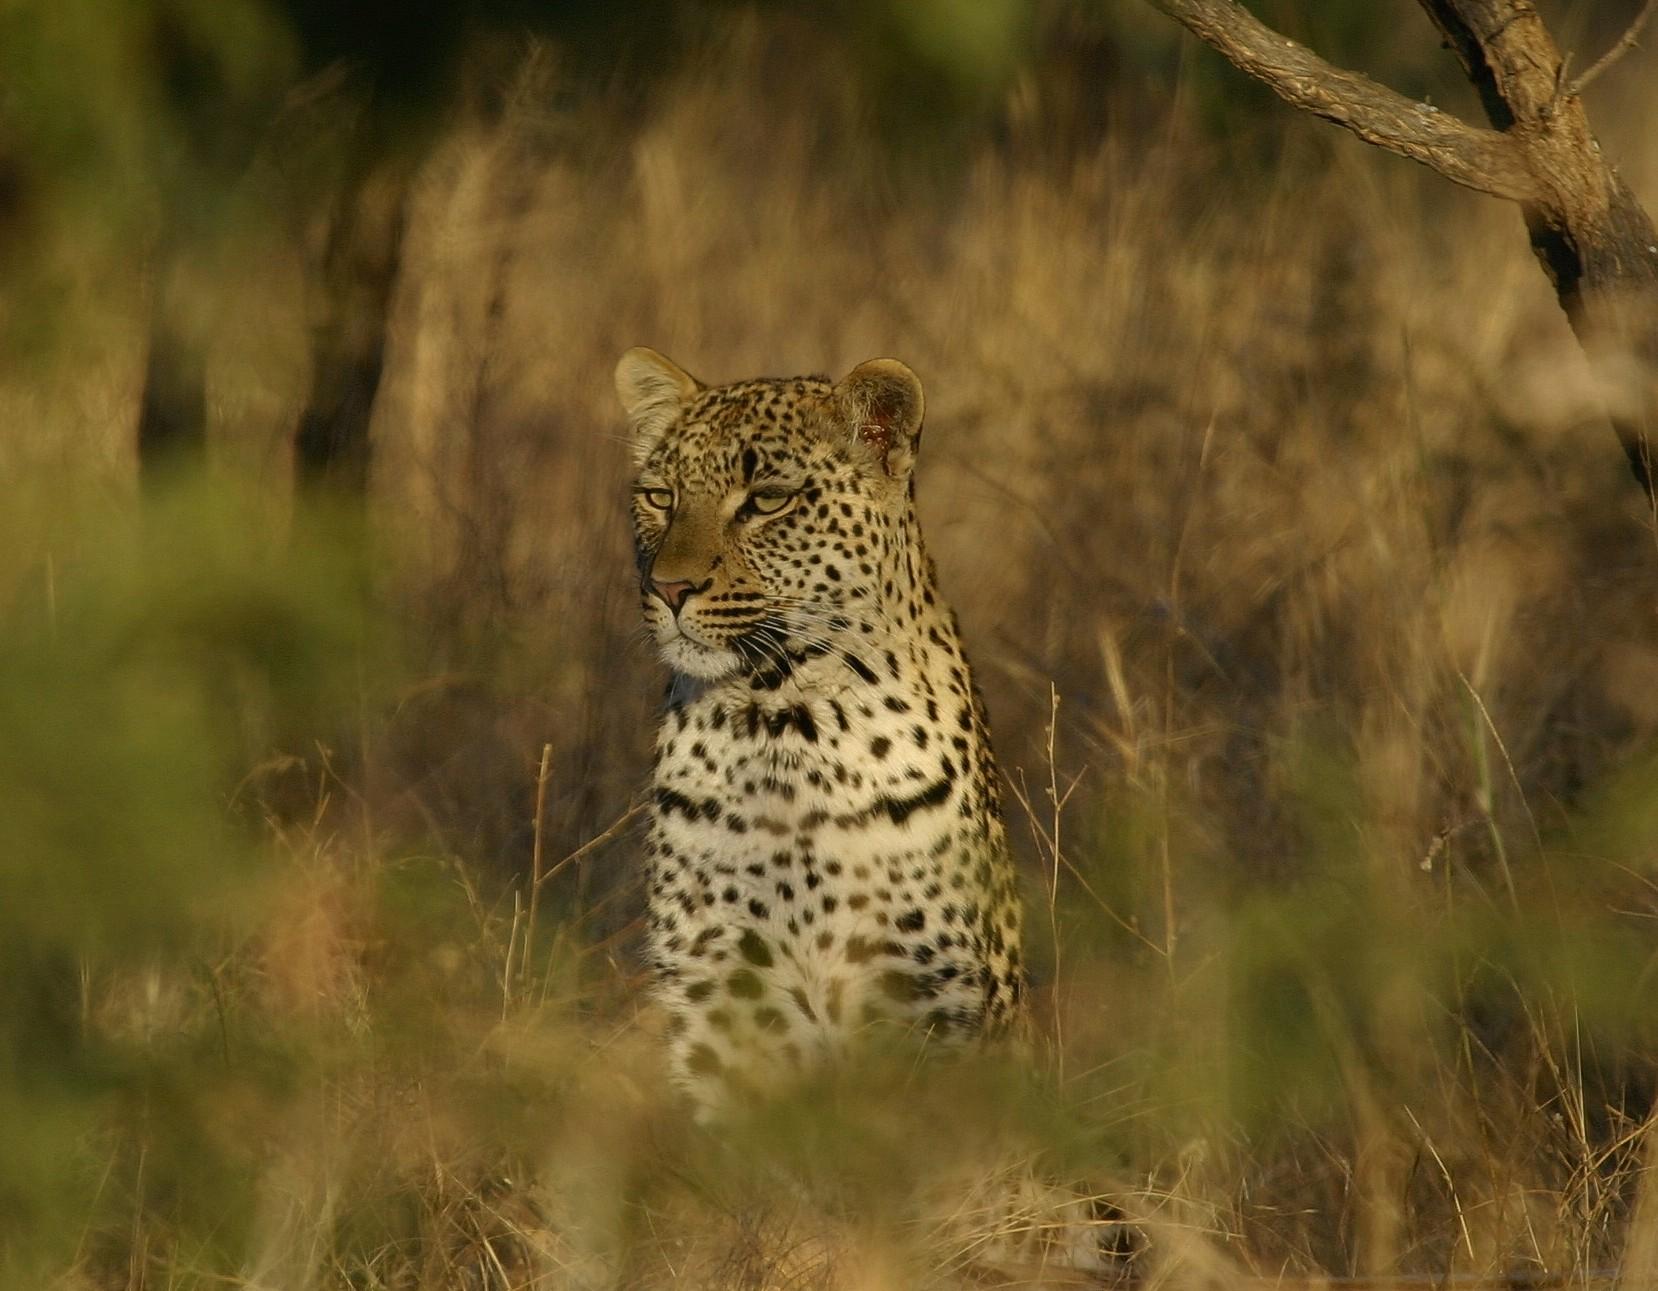 Leopard, Cat, Head, Hunter, Hunting, HQ Photo